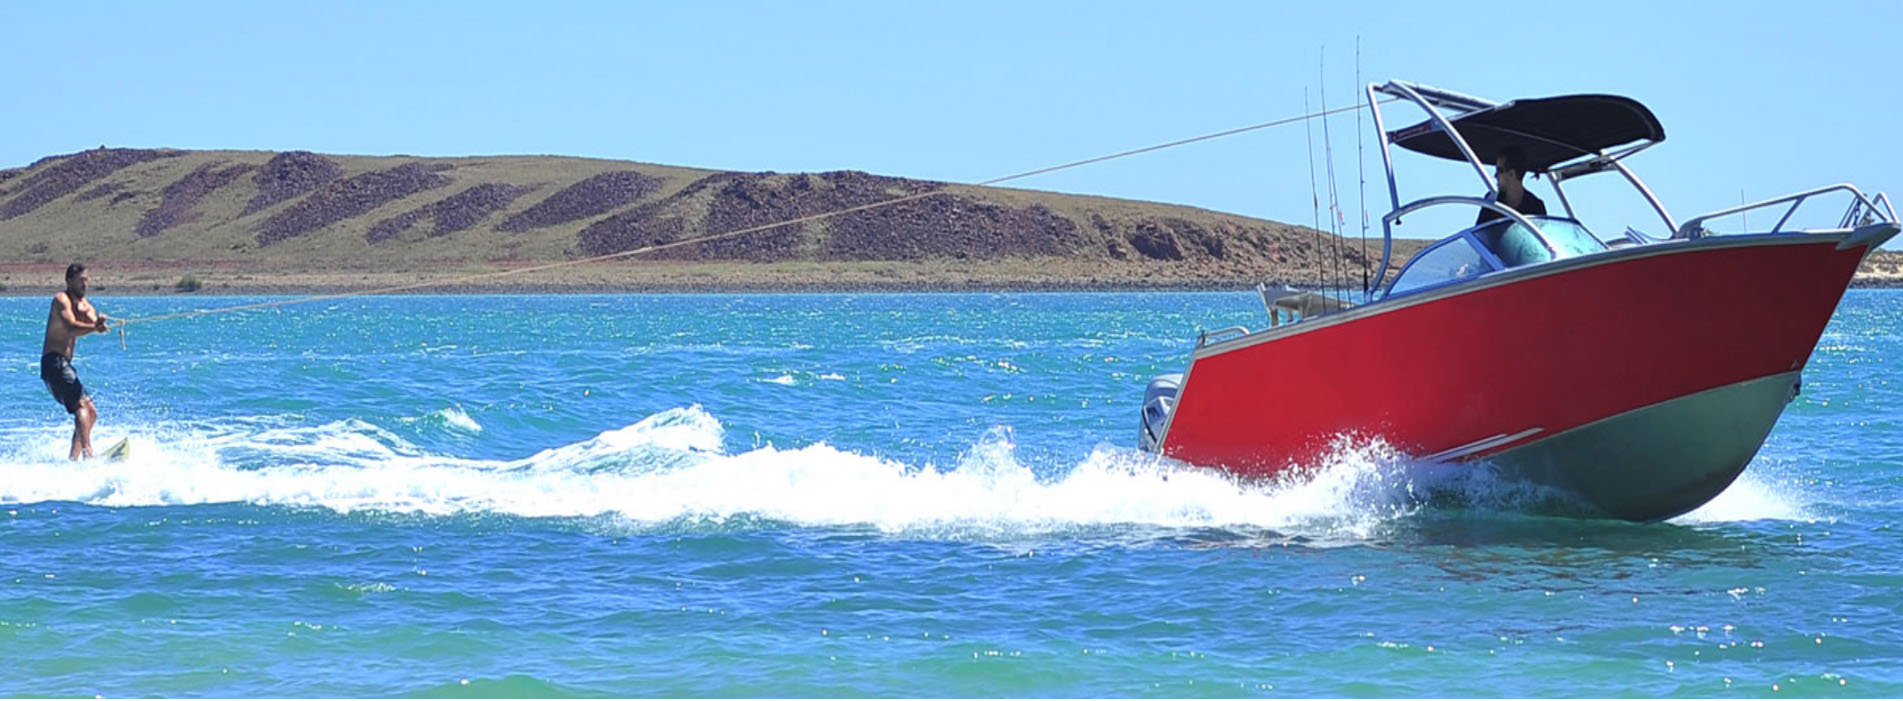 self drive boat hire fremantle waterski